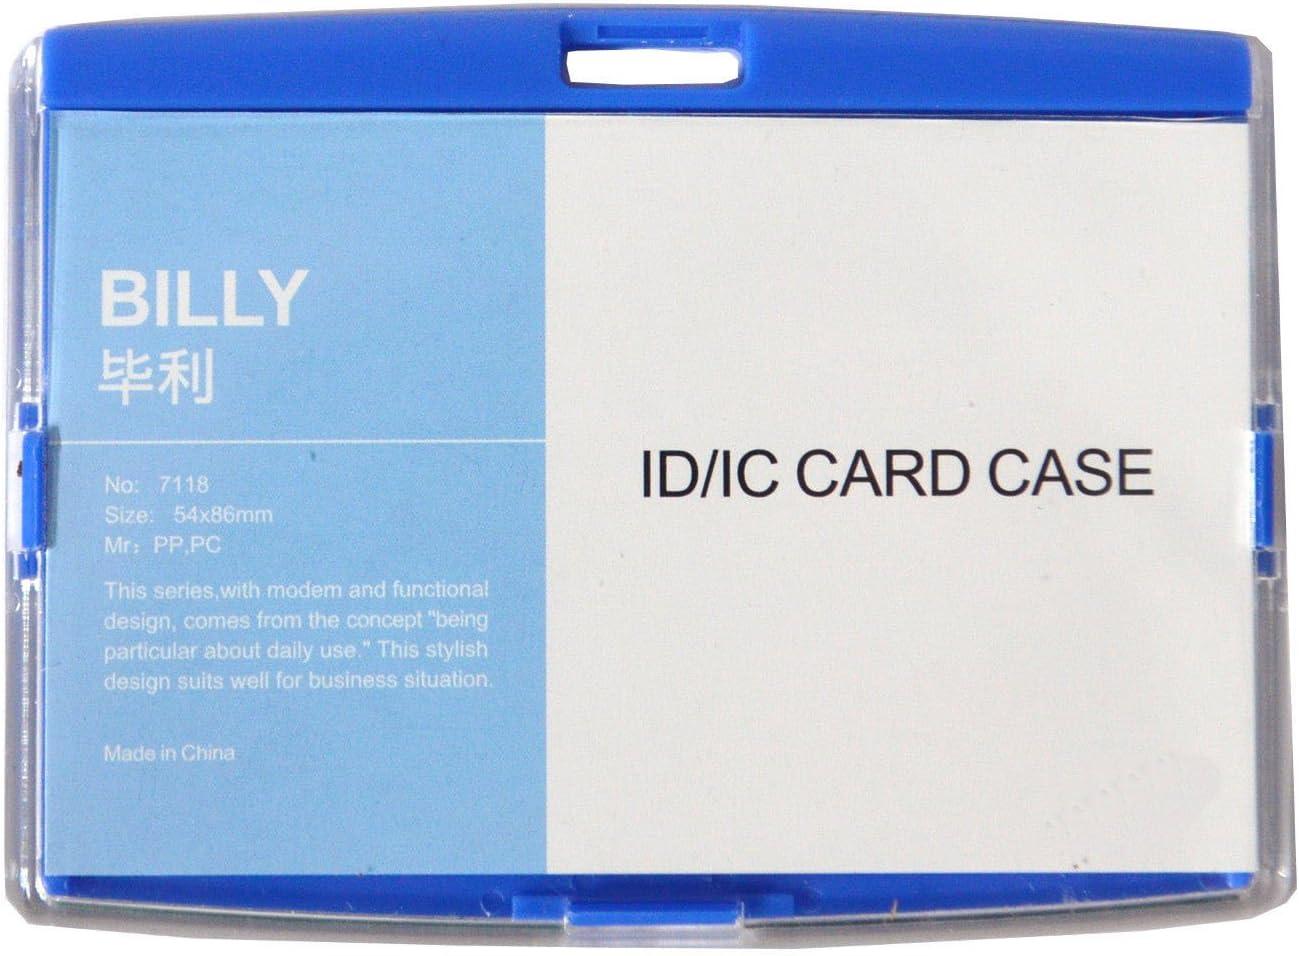 10 St/ück Ausweish/ülle mit Metallclip Kartenhalter Ausweishalter aus Hartplastik Werksausweis Sch/ülerausweis neu schwarz